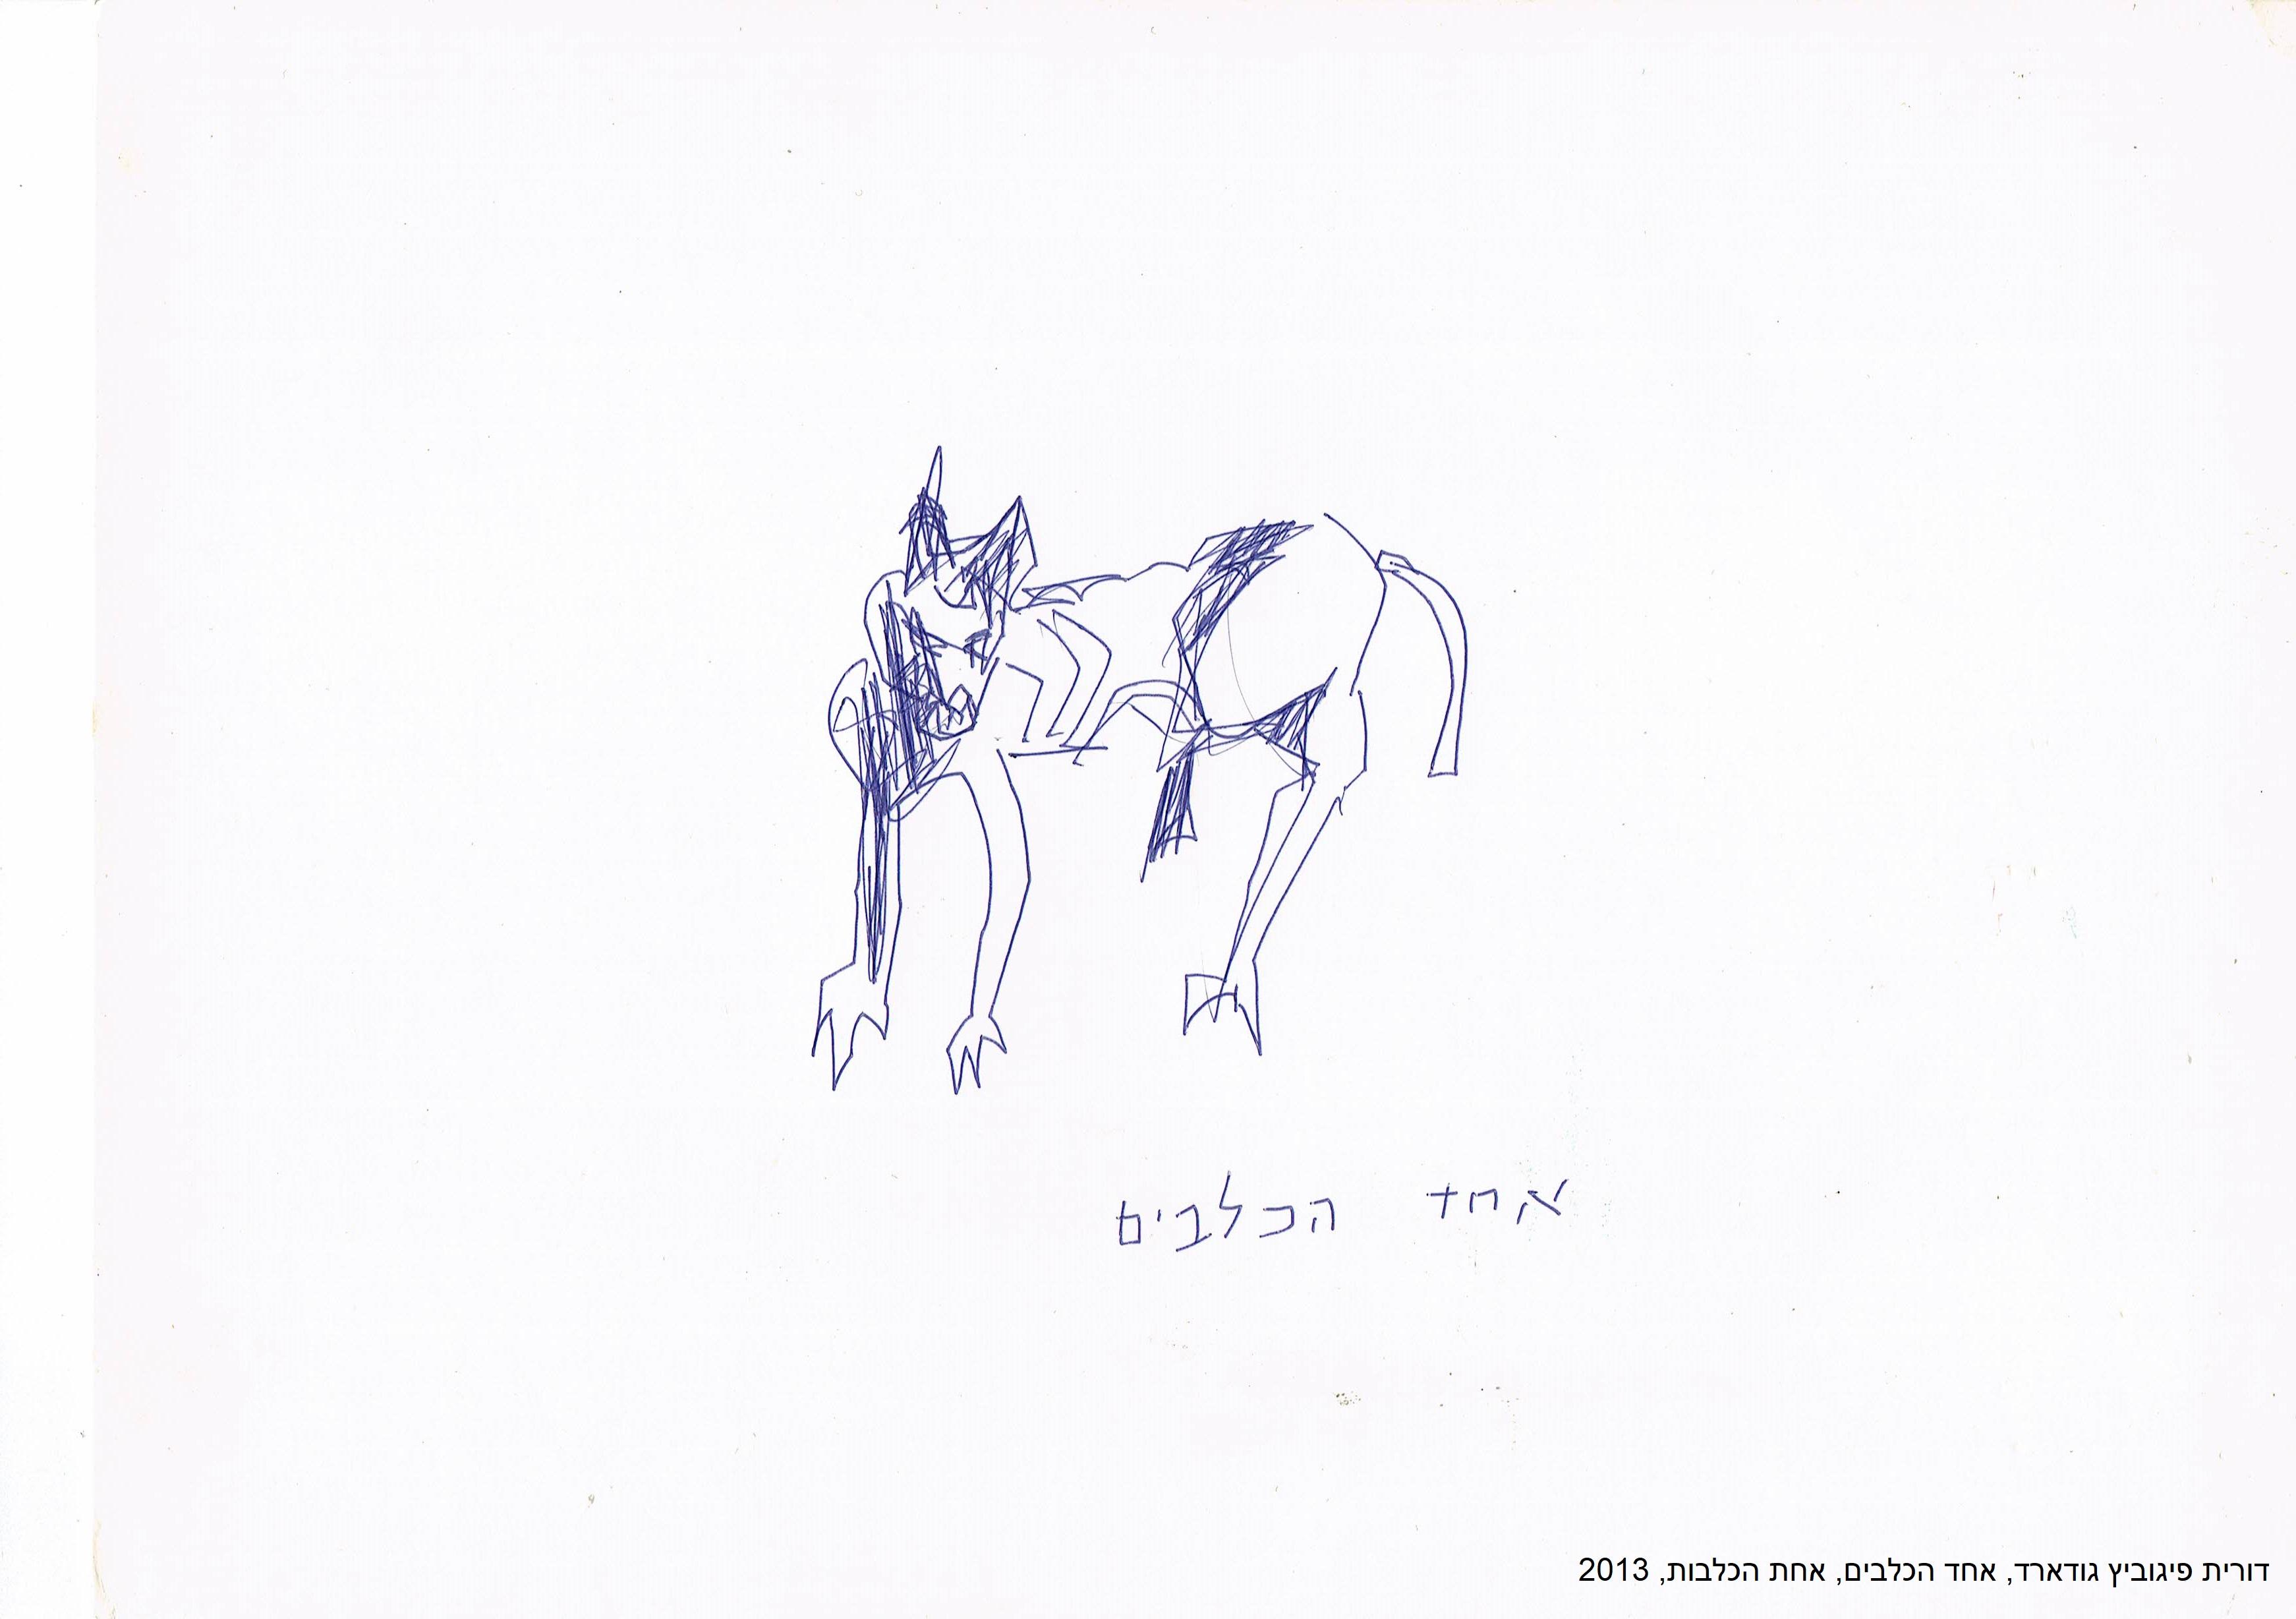 2013 ,דורית פיגוביץ גודארד, אחד הכלבים